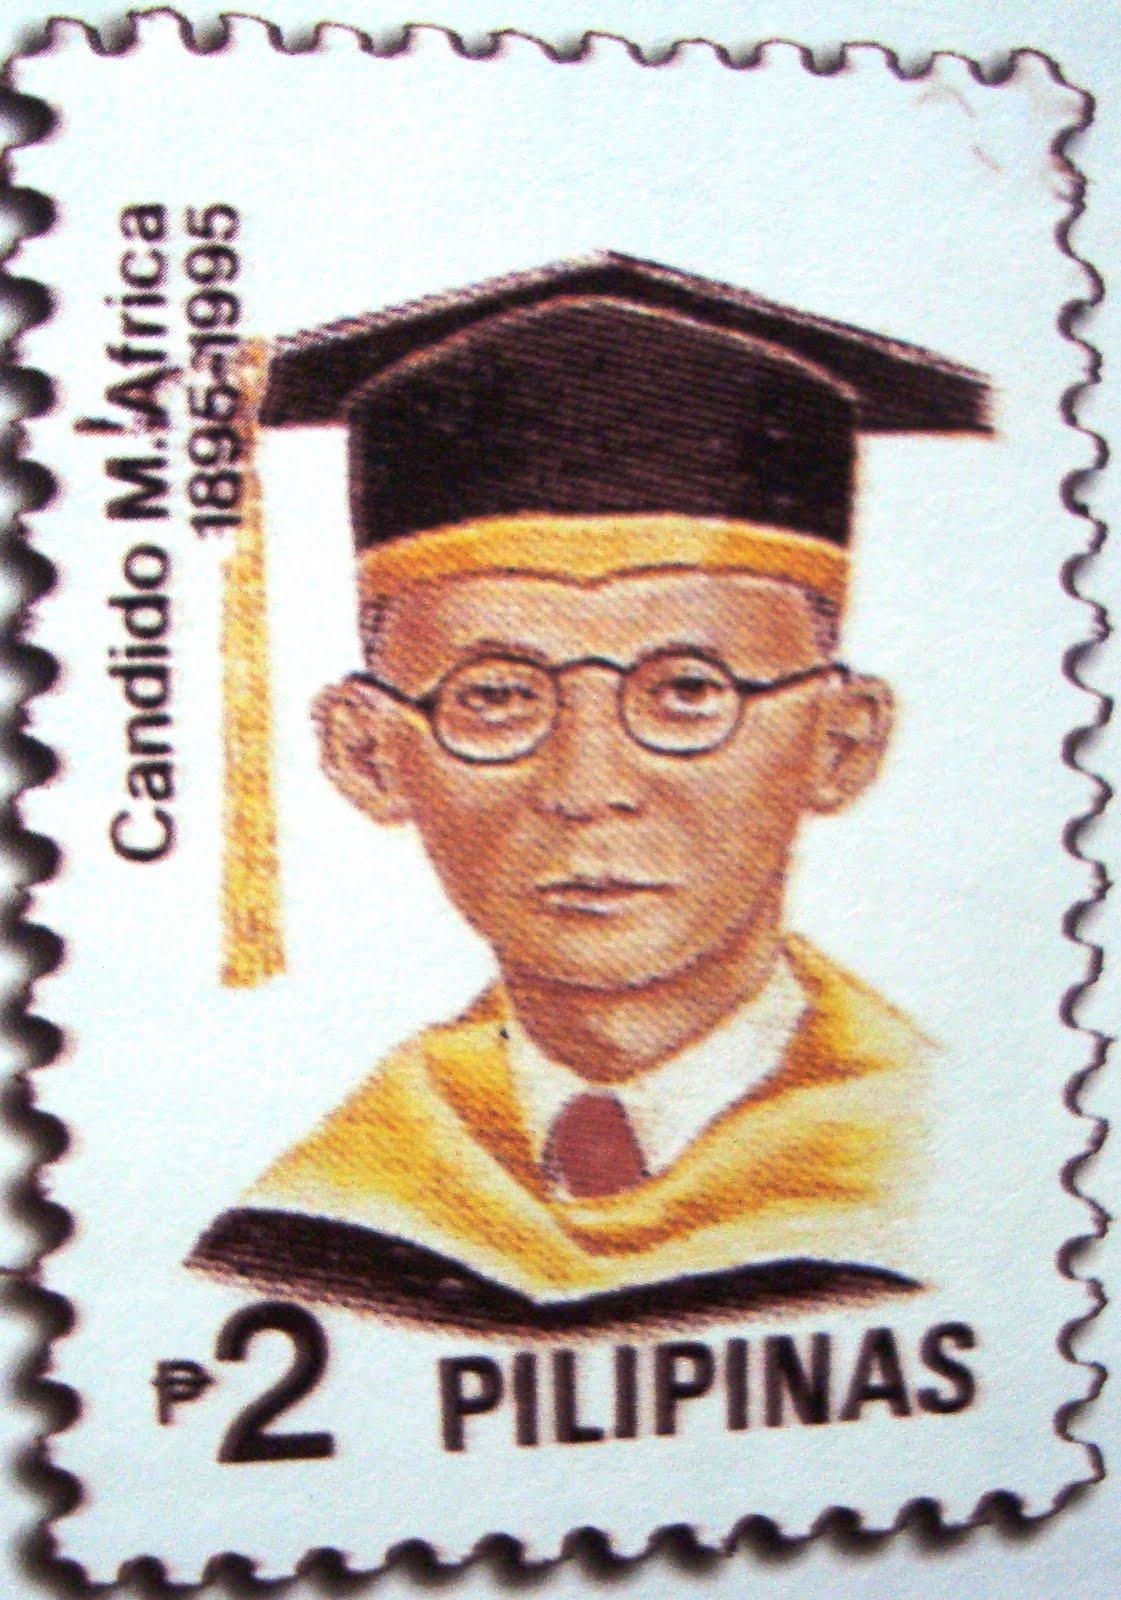 Famous Filipino Scientist